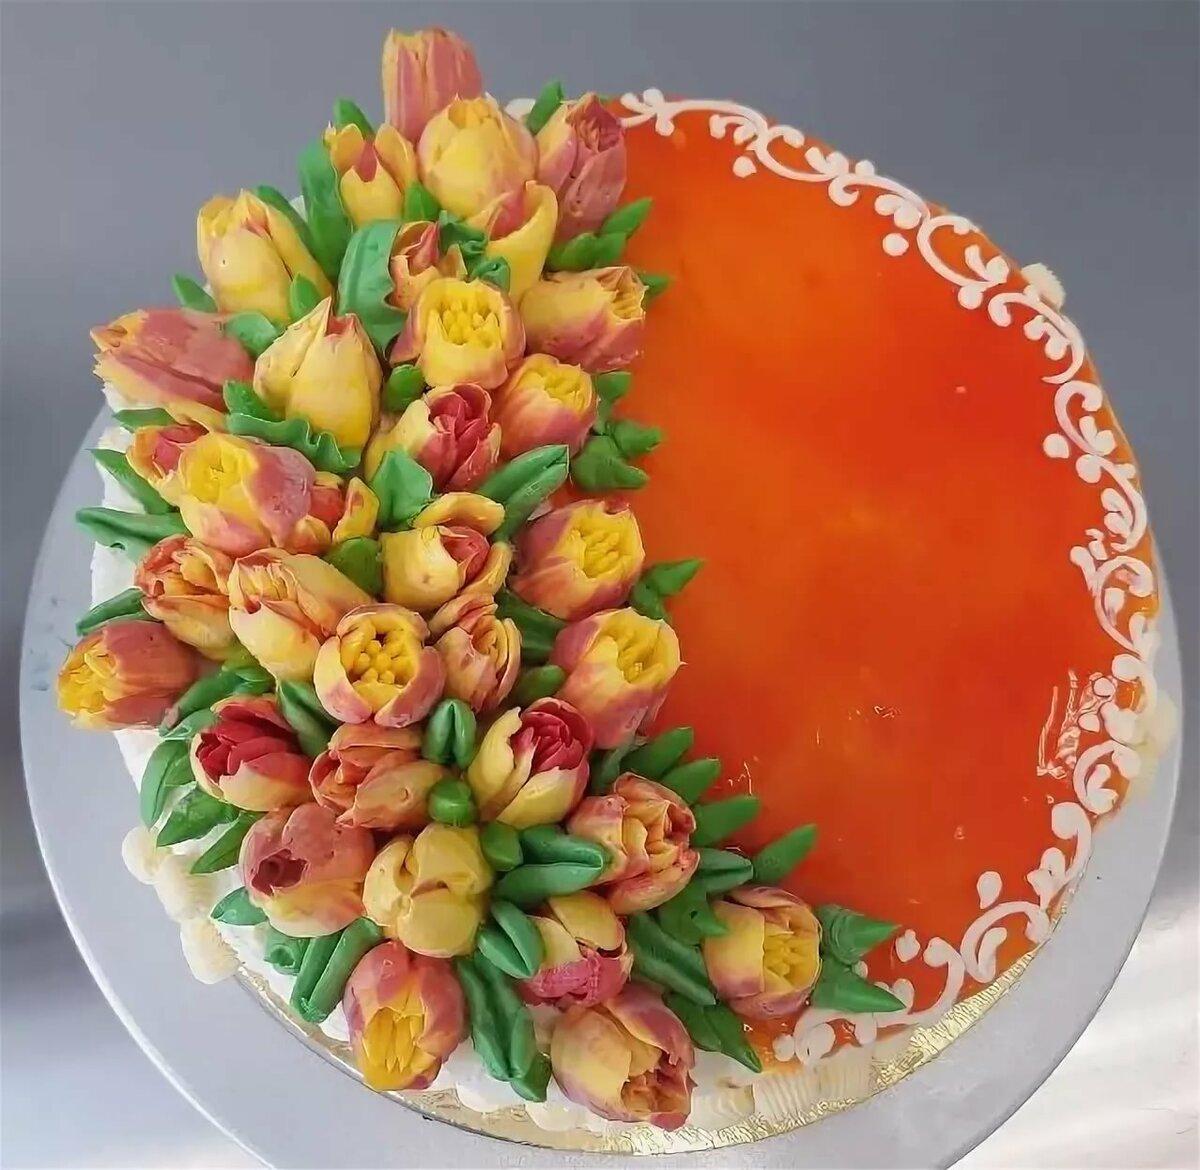 фото торт с тюльпанами из сливок сказала